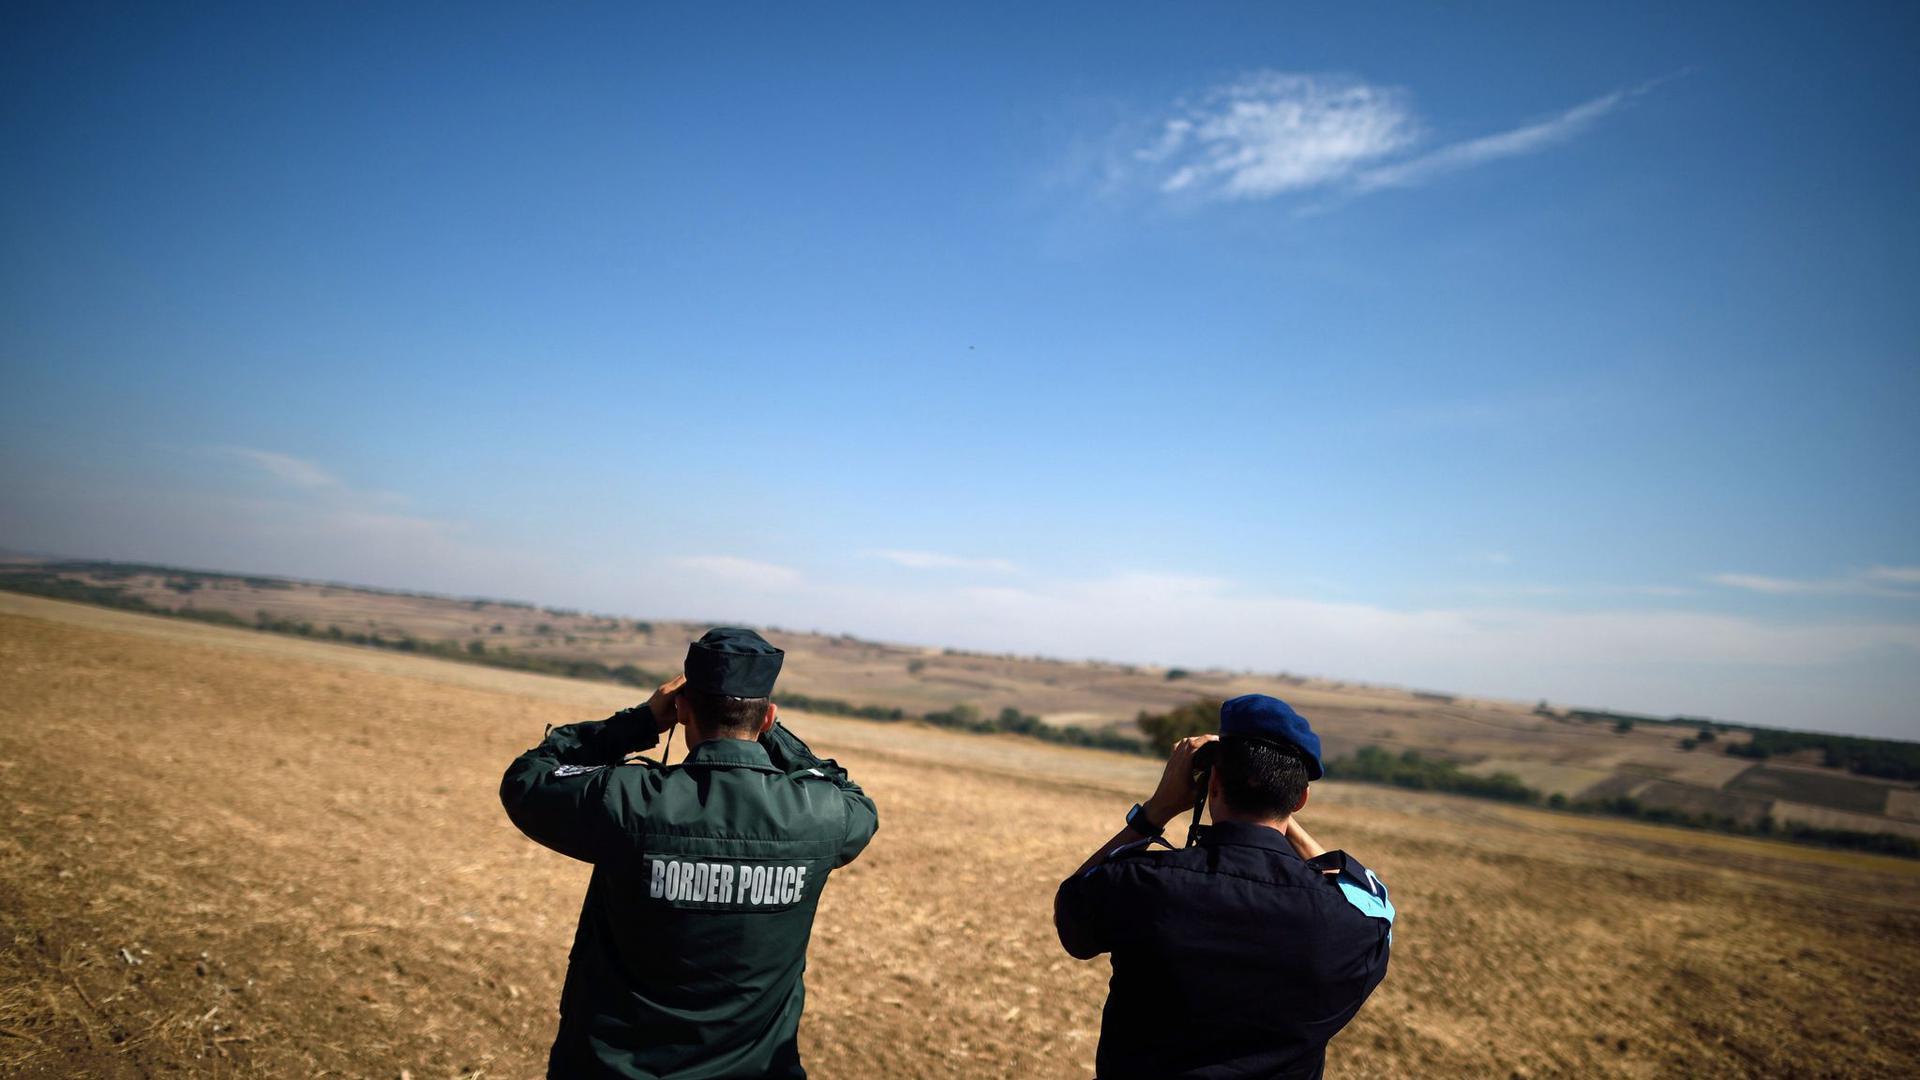 Zwei Beamte der europäischen Grenzschutzagentur Frontex aus Bulgarien (l) und den Niederlanden beobachten mit Ferngläsern die bulgarisch-türkische Grenze.